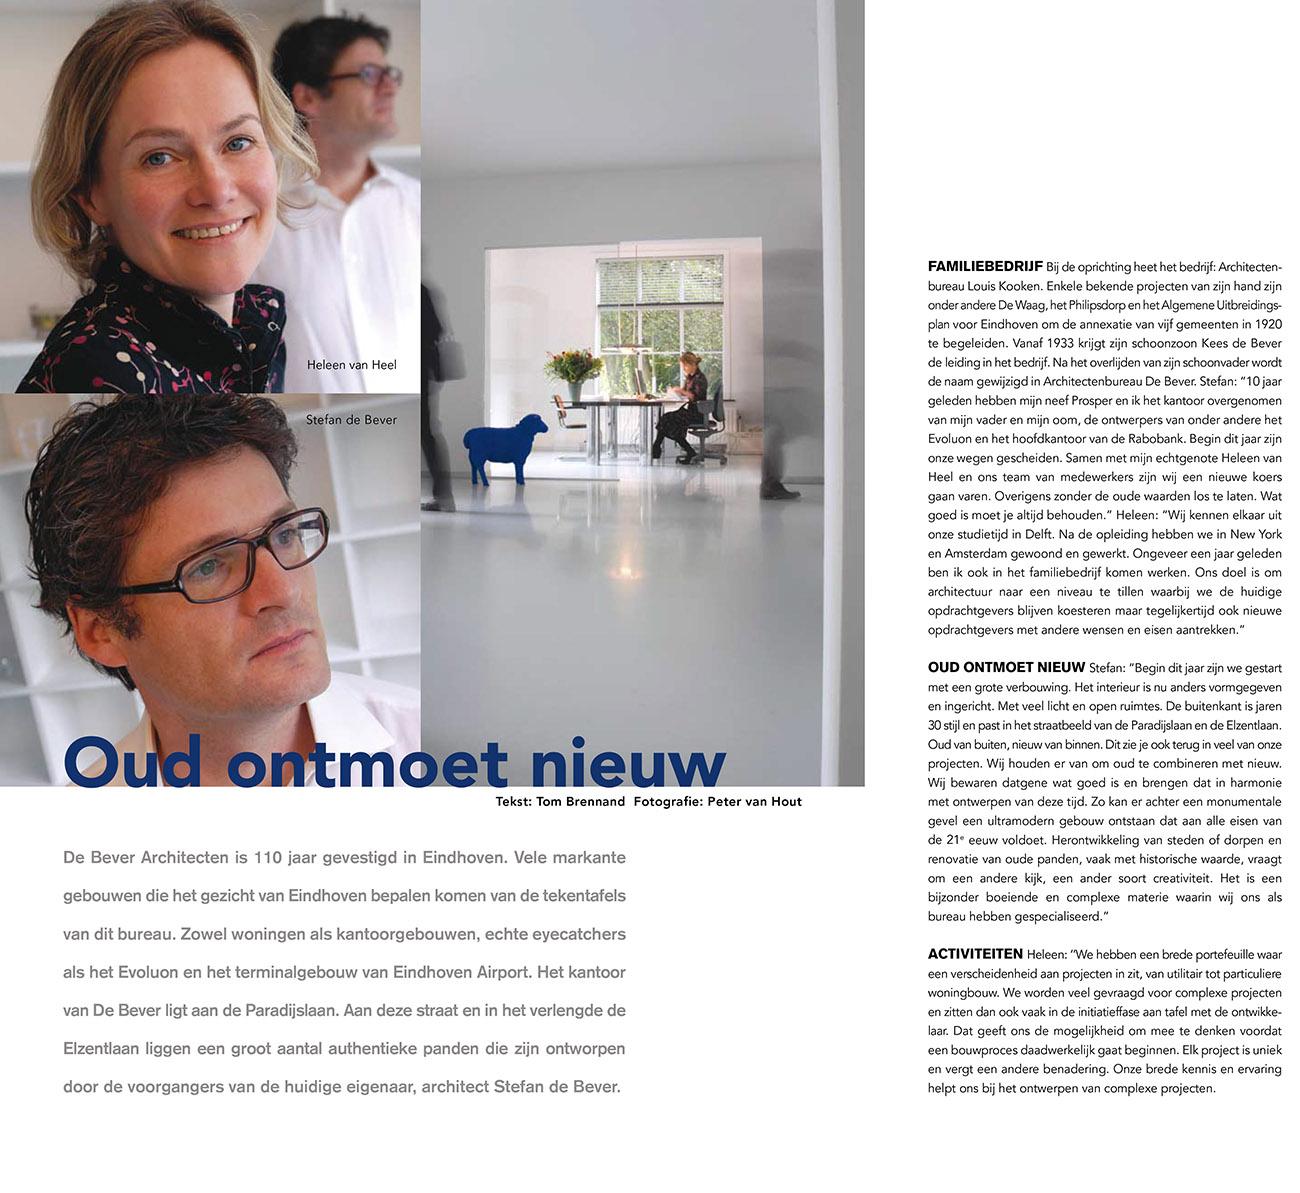 8-10-1, eindhoven business_okt_pagina76-77.jpg